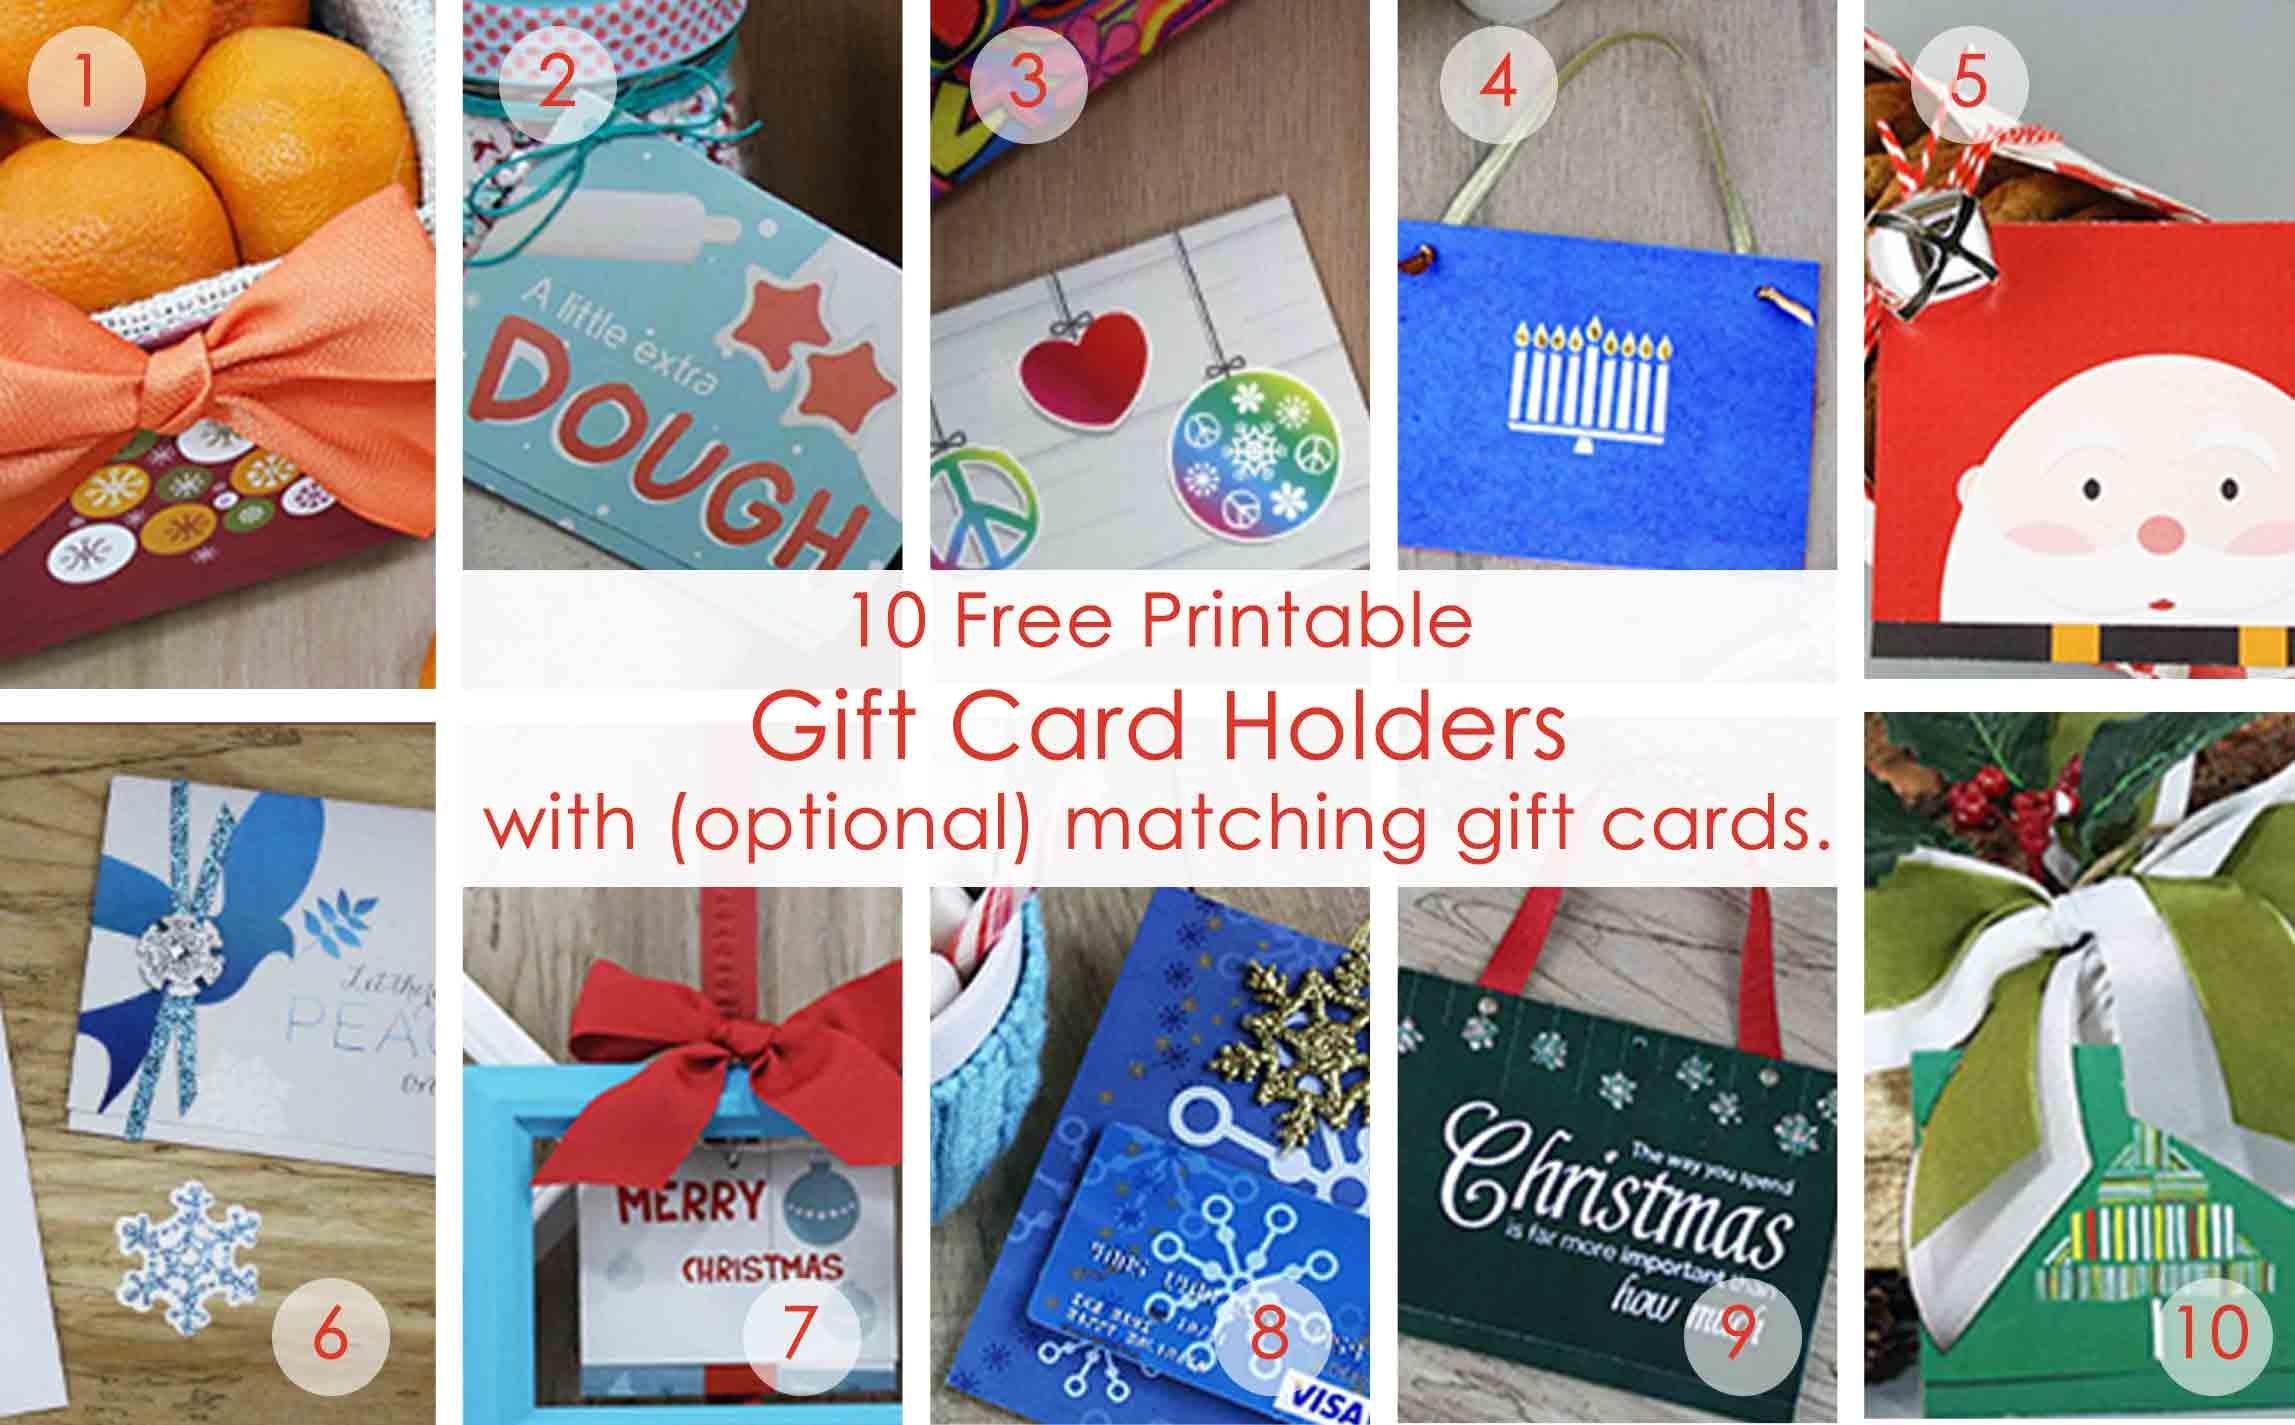 Over 50 Printable Gift Card Holders For The Holidays   Gcg - Free Printable Christmas Money Holders